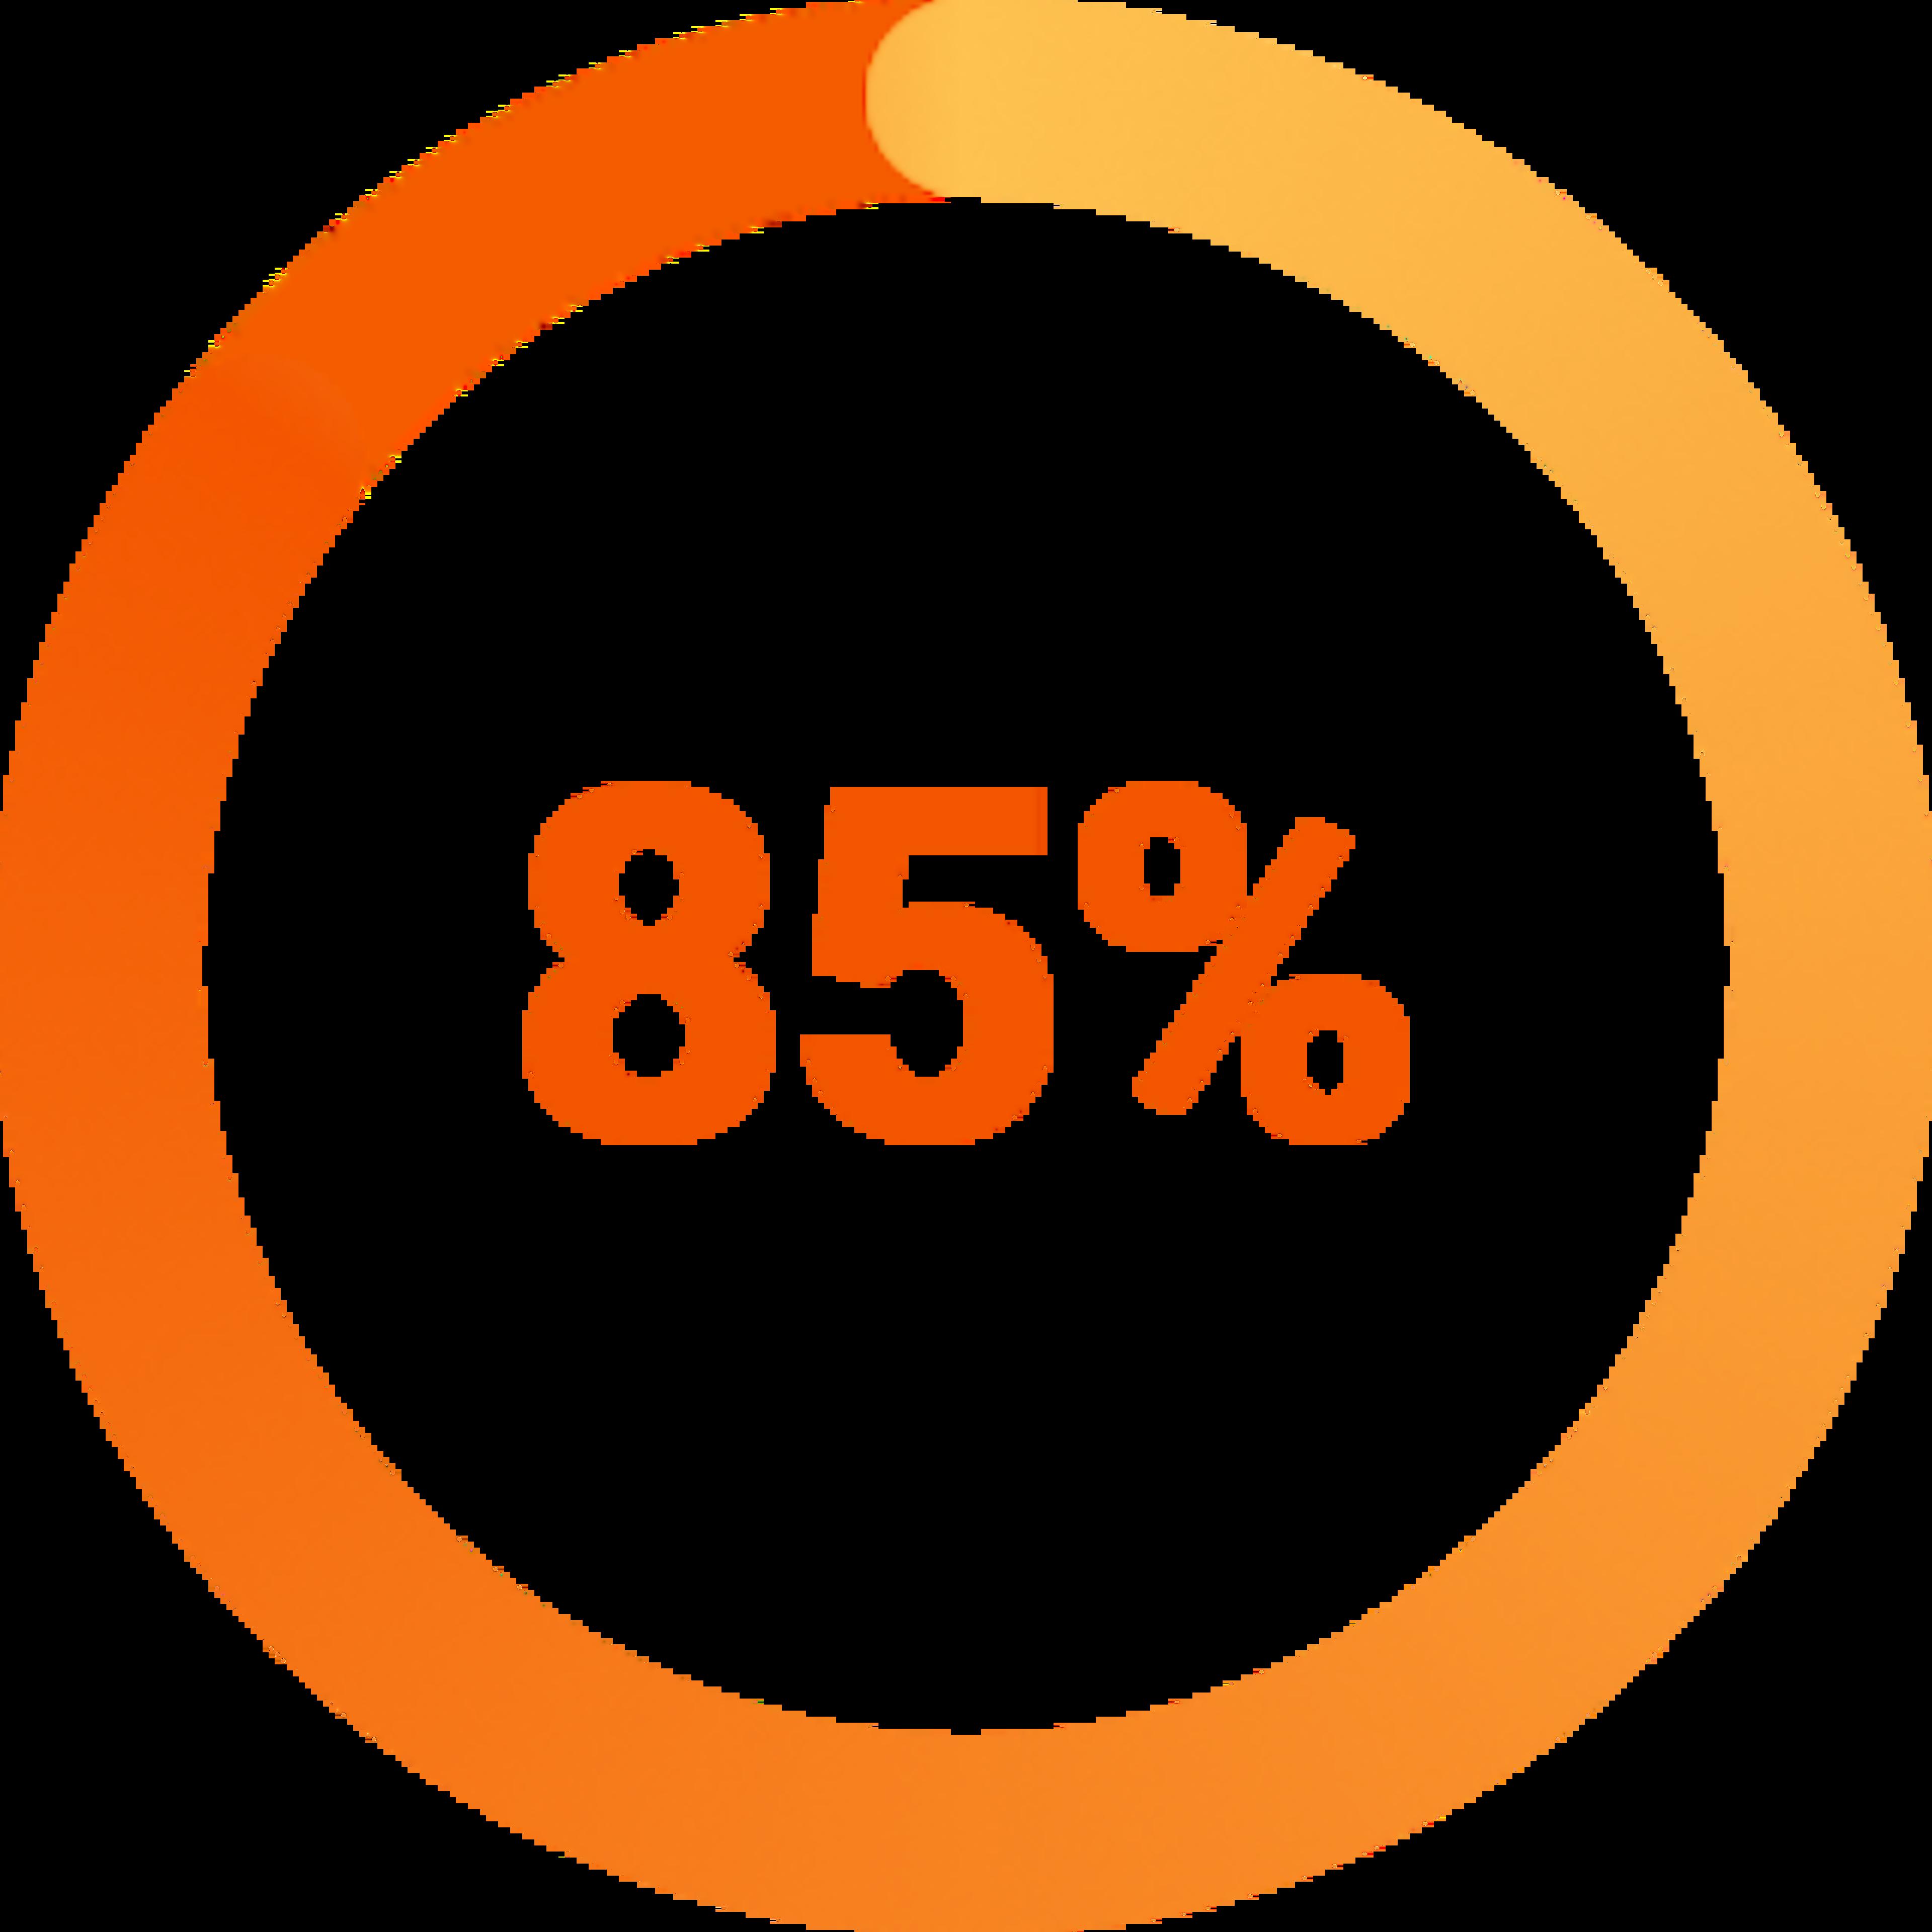 percent-85